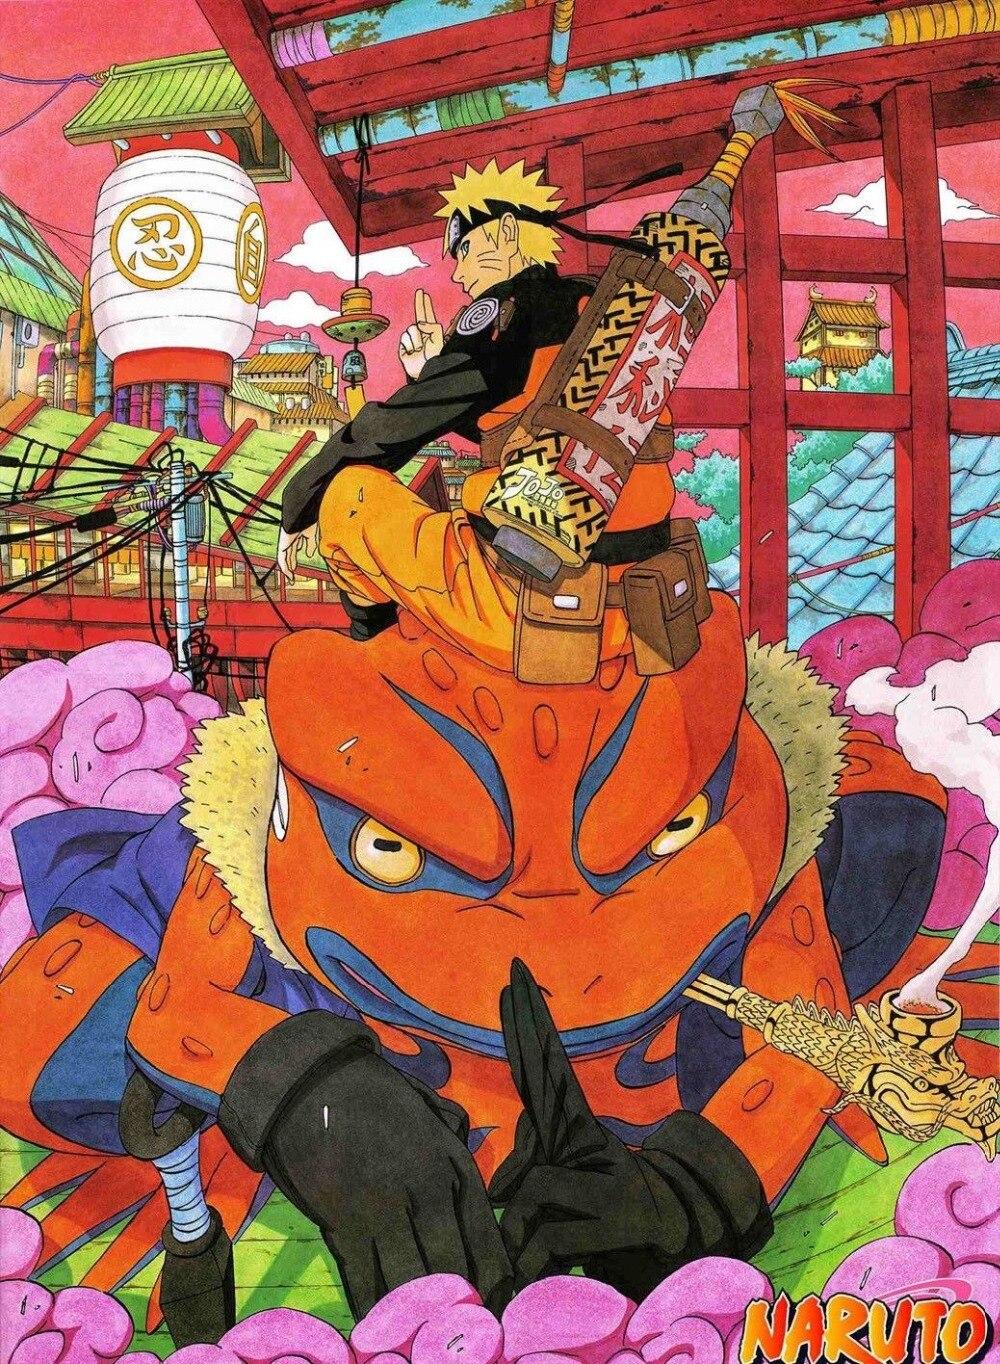 0869b Naruto Anime Del Giappone-autoadesivo Della Parete Di Seta Poster Luce Di Decorazione Della Tela Di Canapa